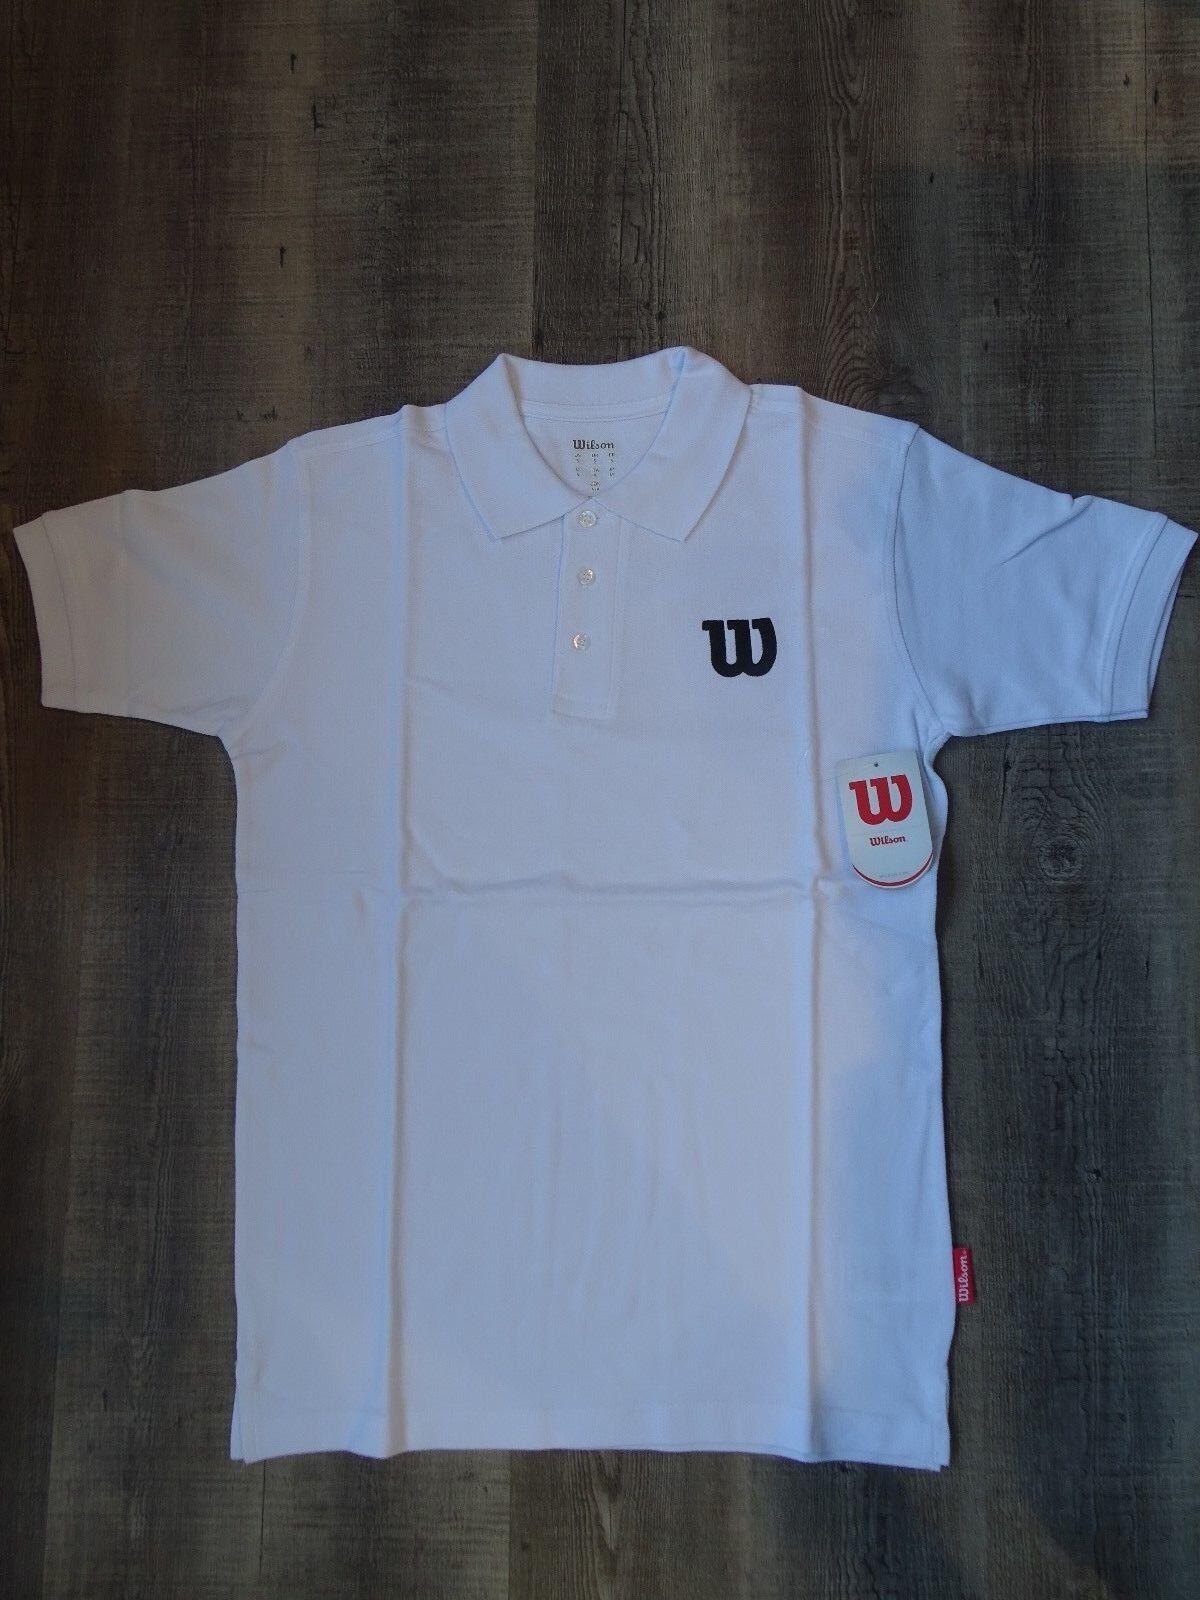 Wilson M M M Core Cotton W Polo S-M-L-XL 865816